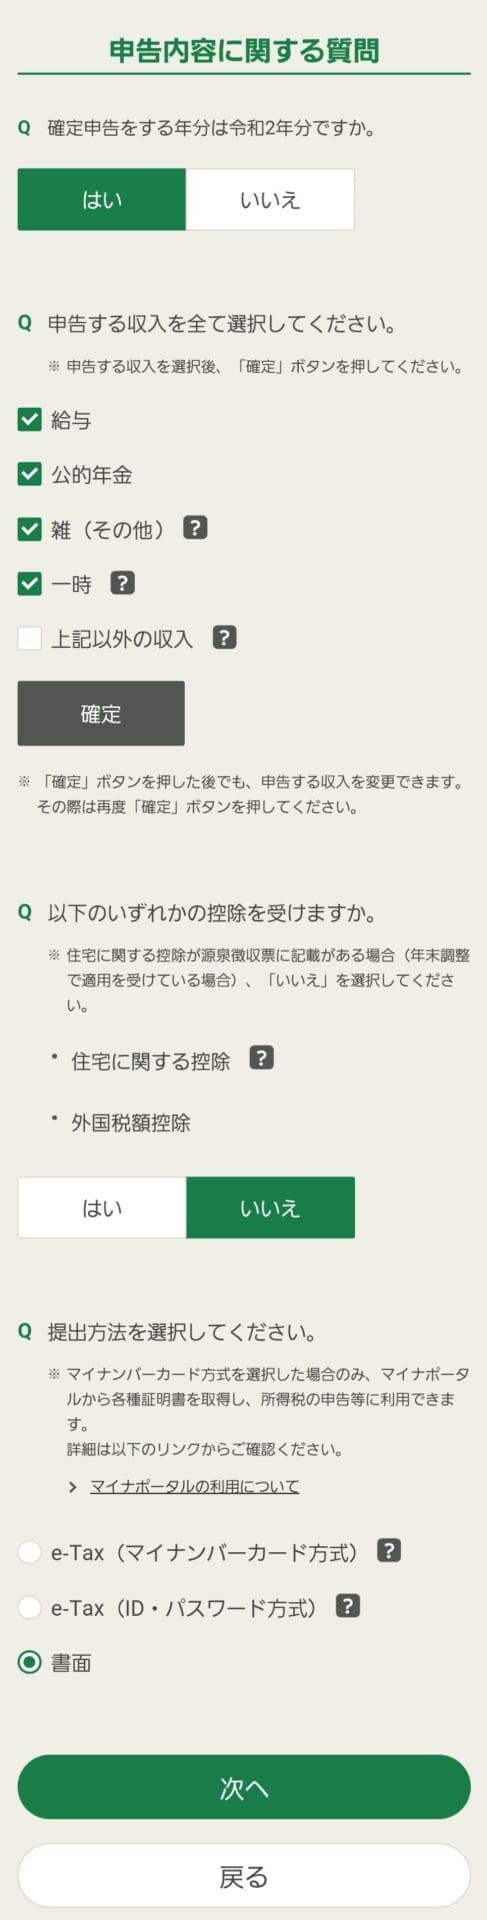 確定 申告 スマホ 2021 IPhoneとマイナンバーカードで確定申告した【2021年版】